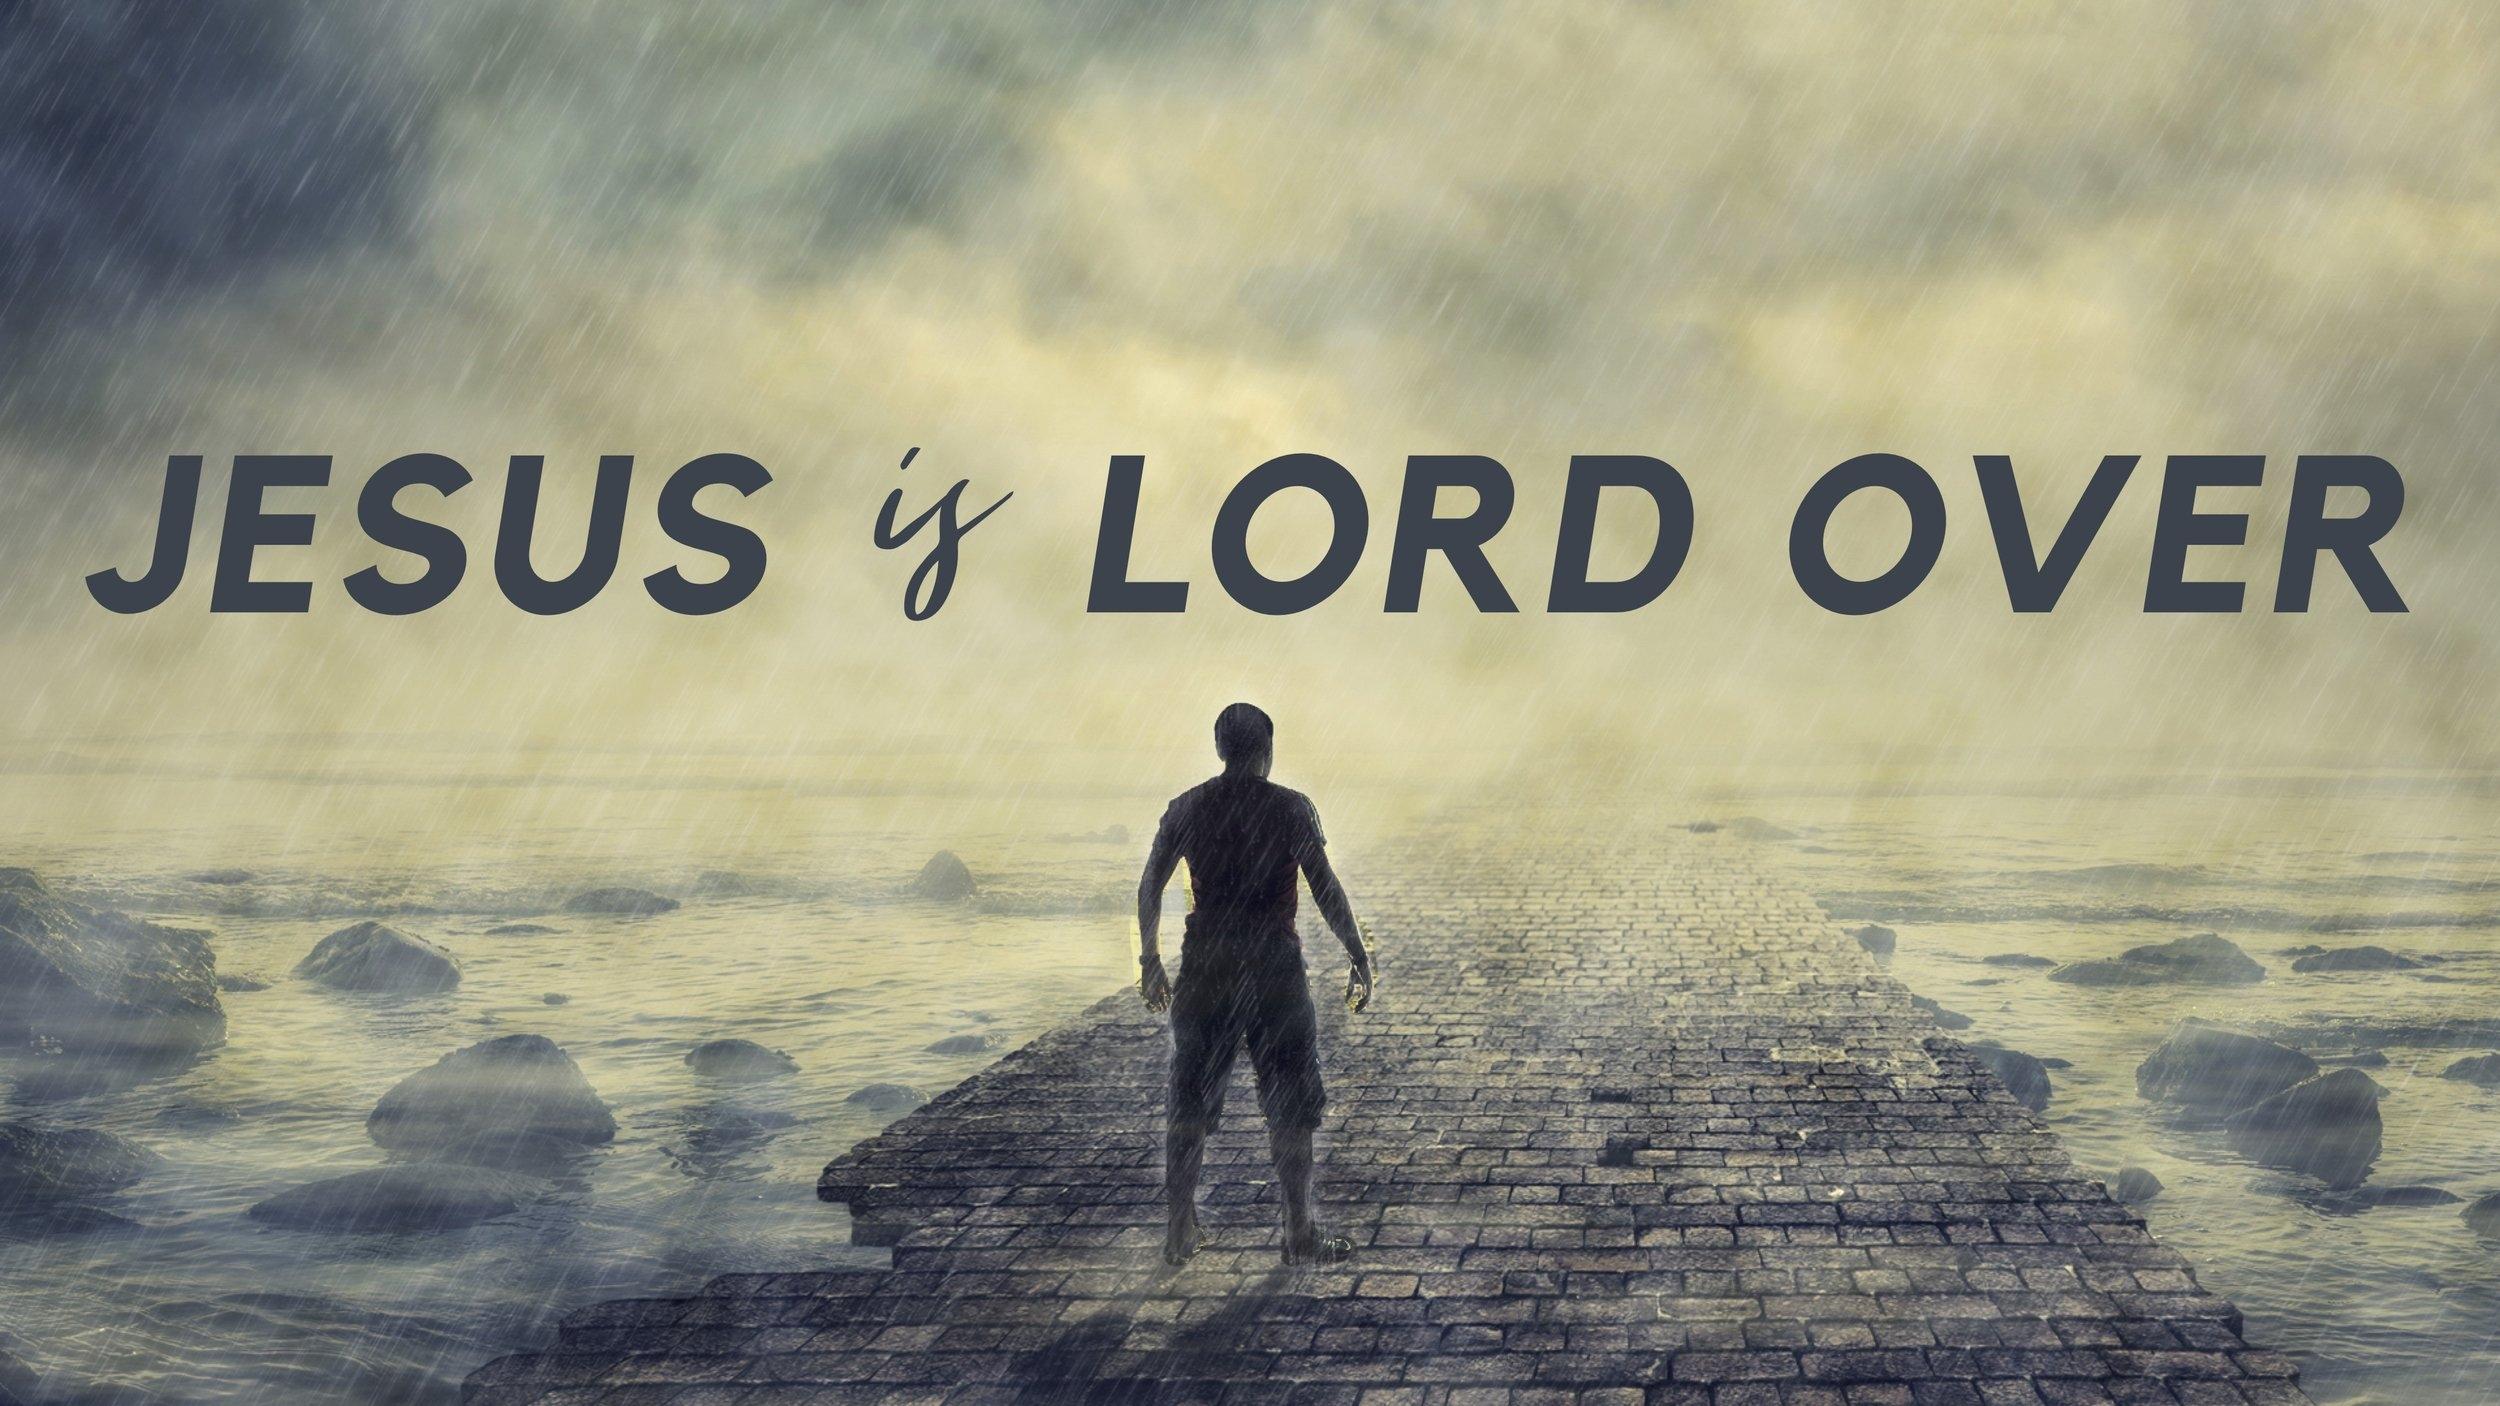 Jesus is lord over.jpg